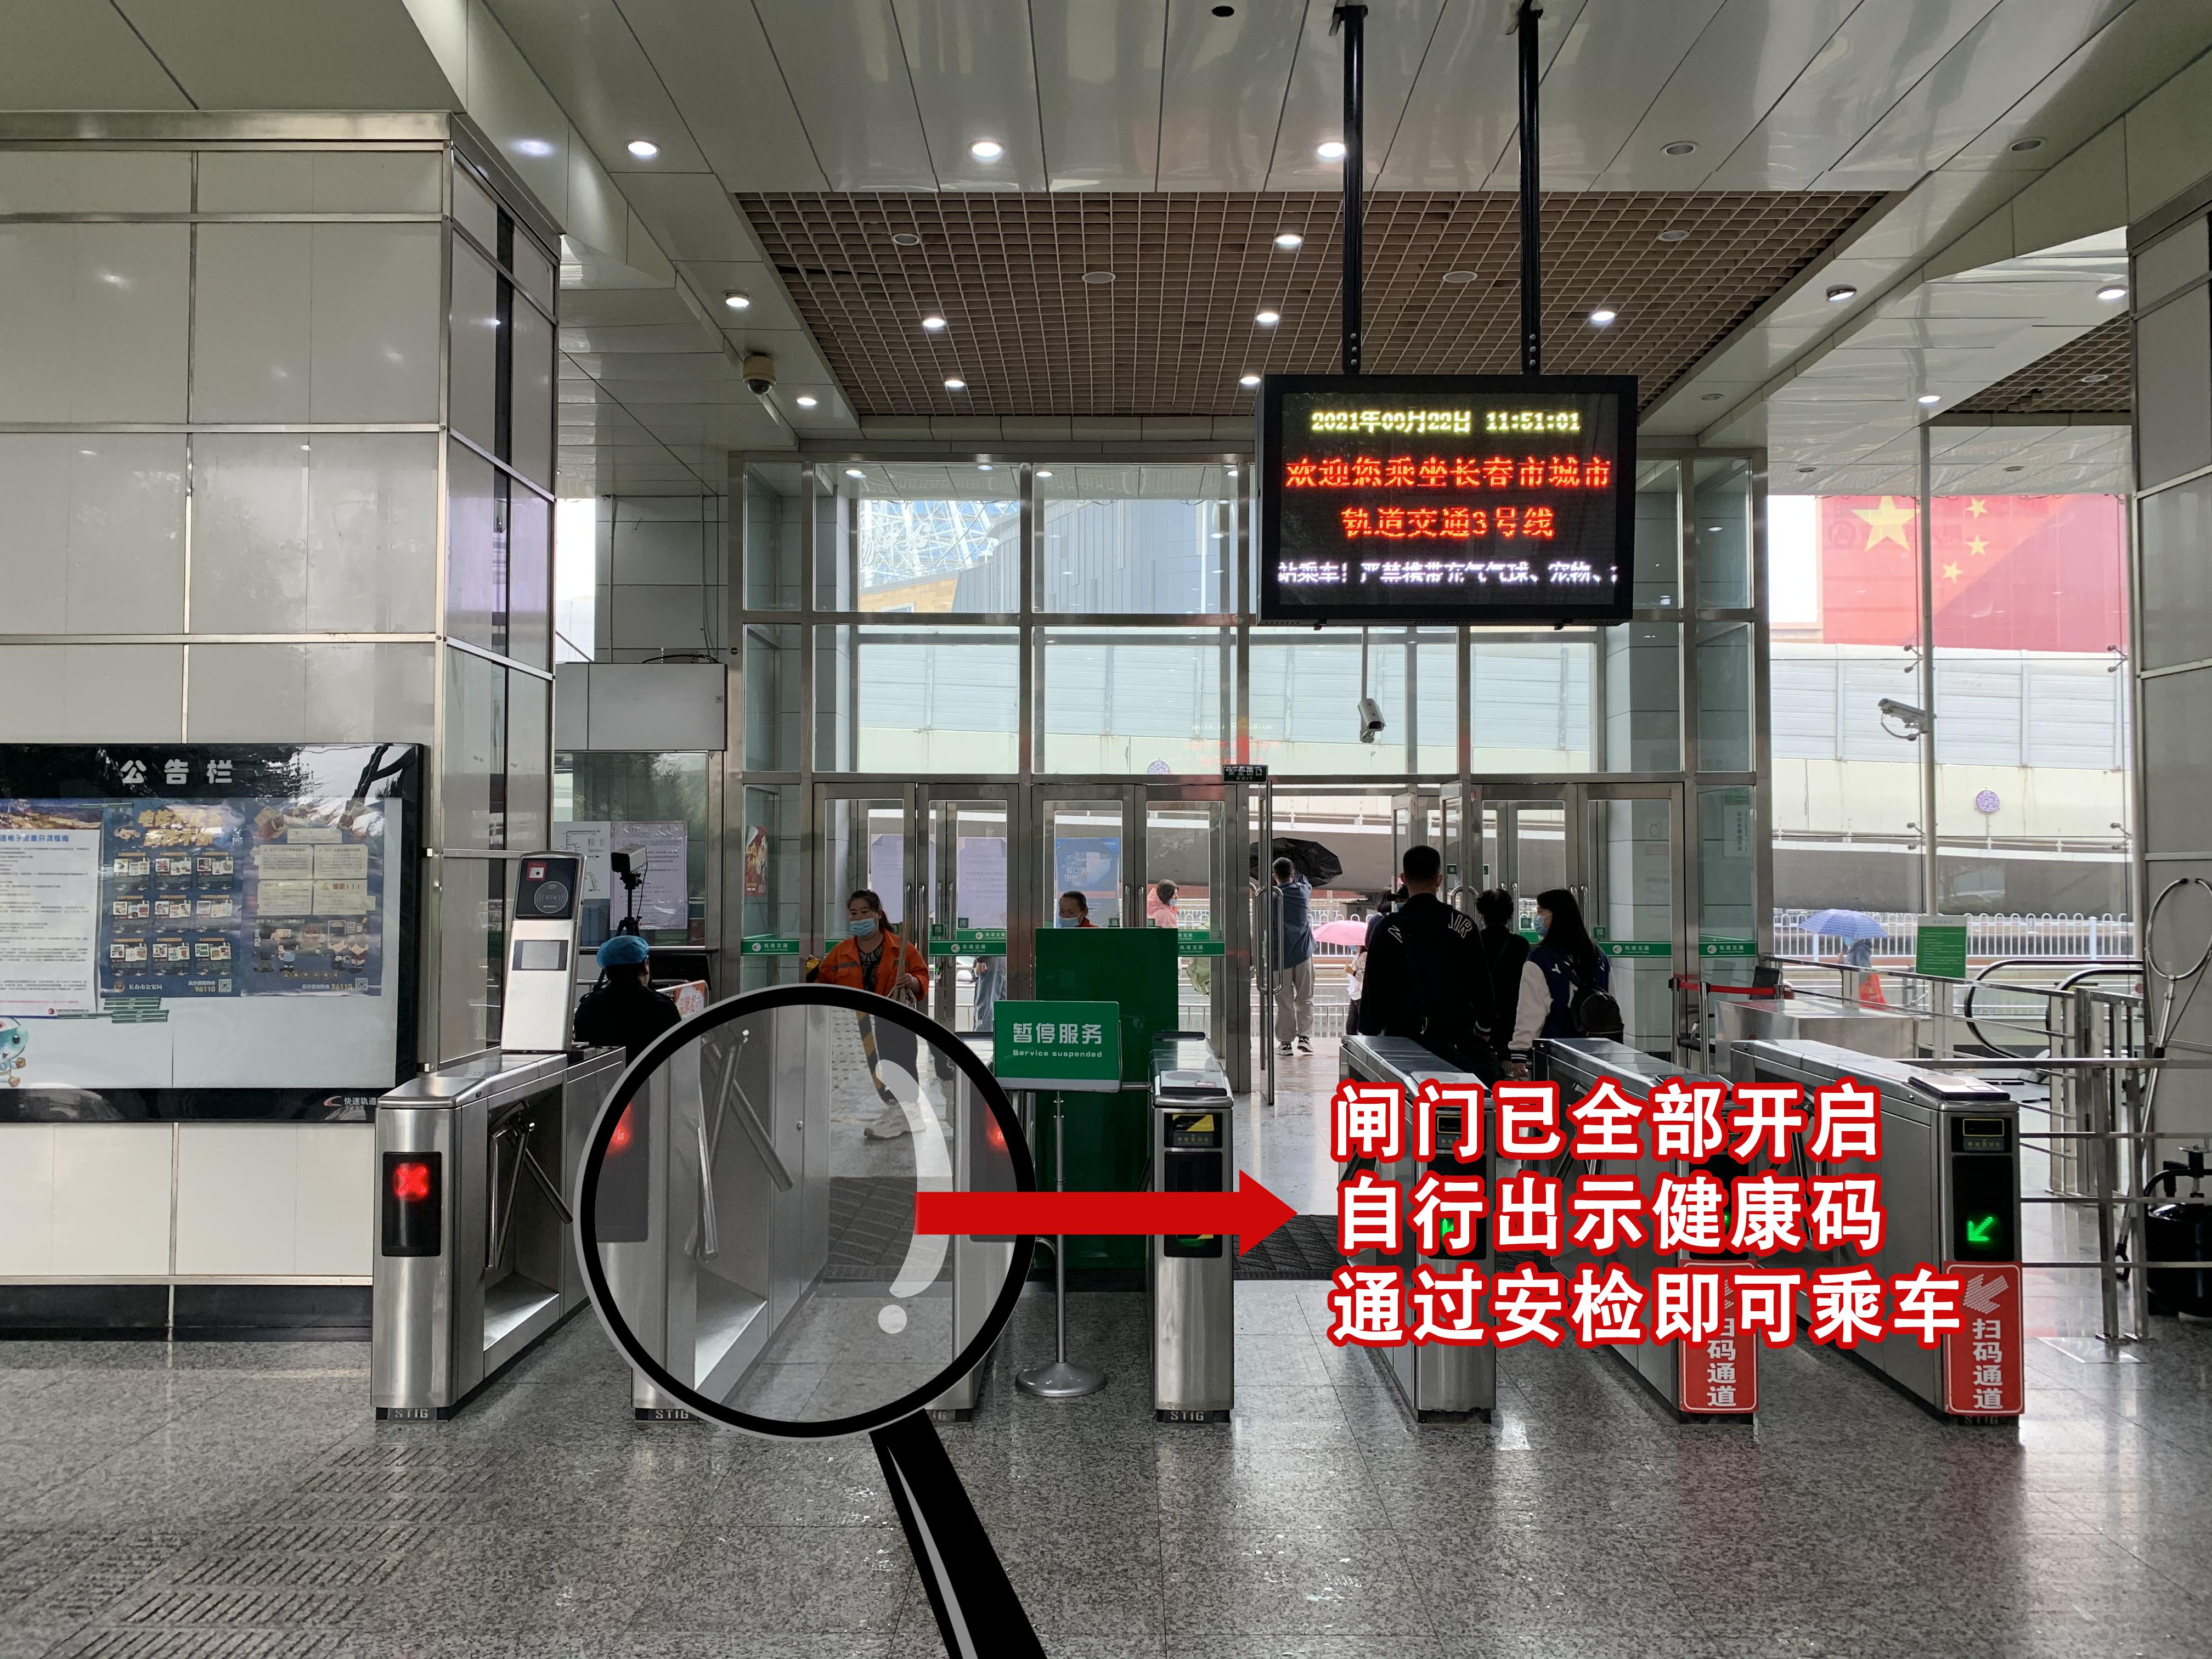 """第15个""""无车日"""" 长春市区公交车和轨道交通全部免费乘坐"""